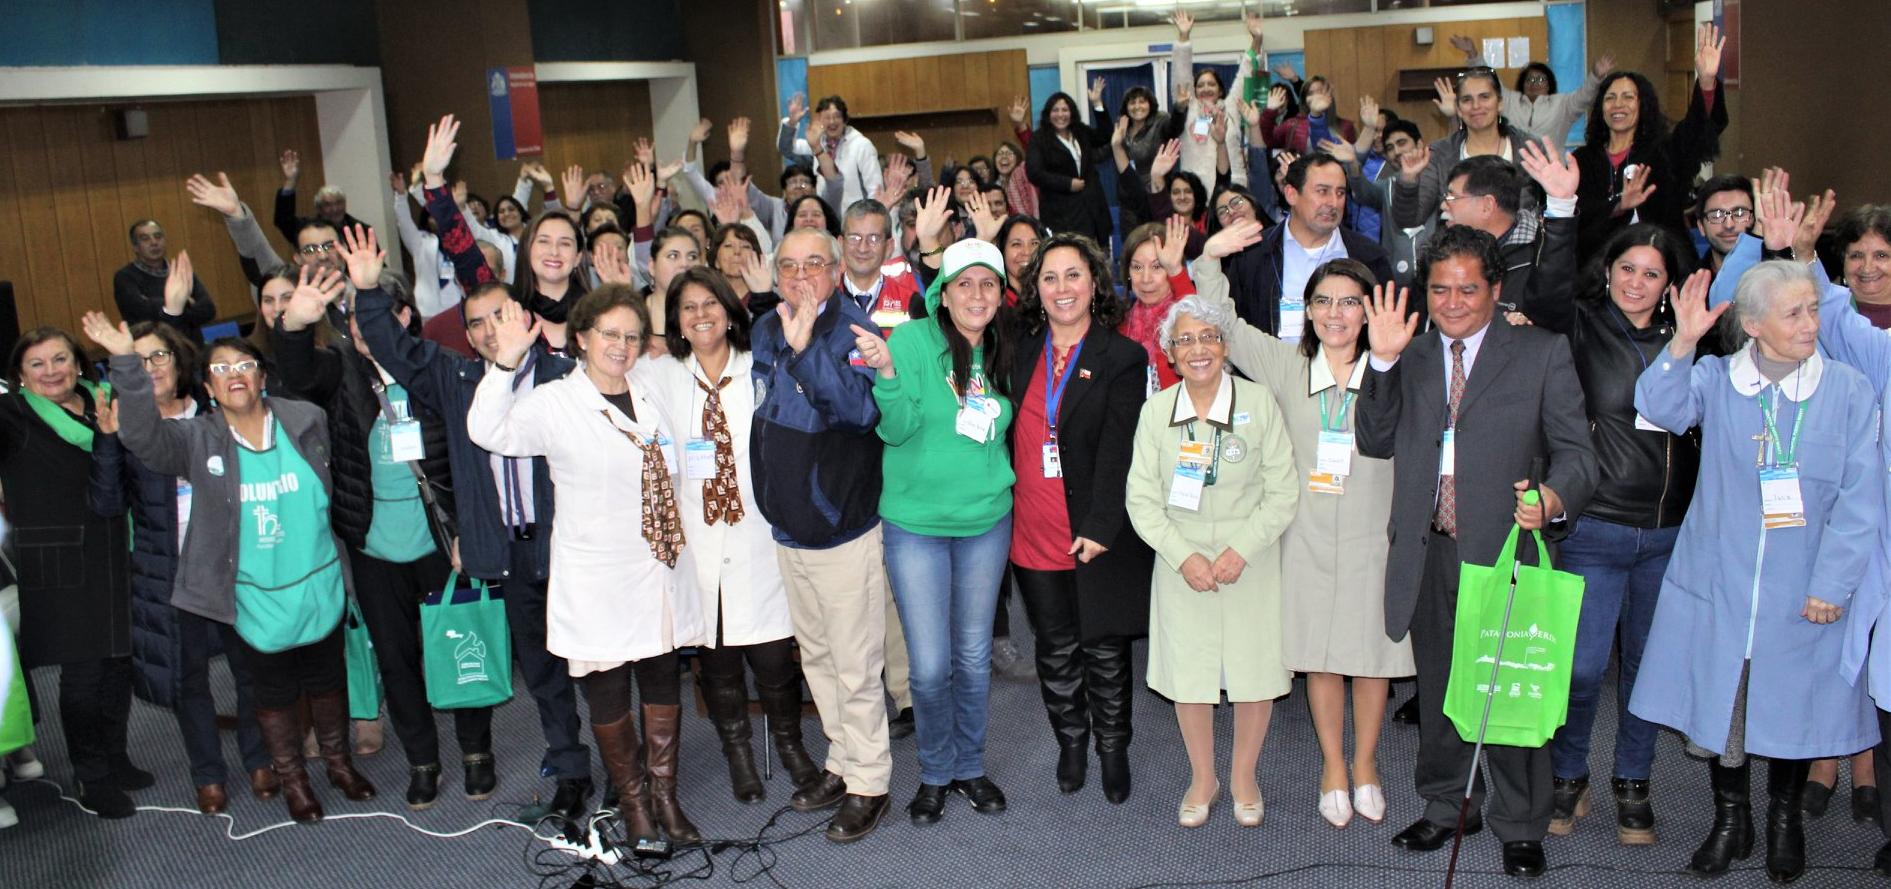 Diario Puerto Varas Primer Diálogo Participativo del Voluntariado contó con más de cien personas